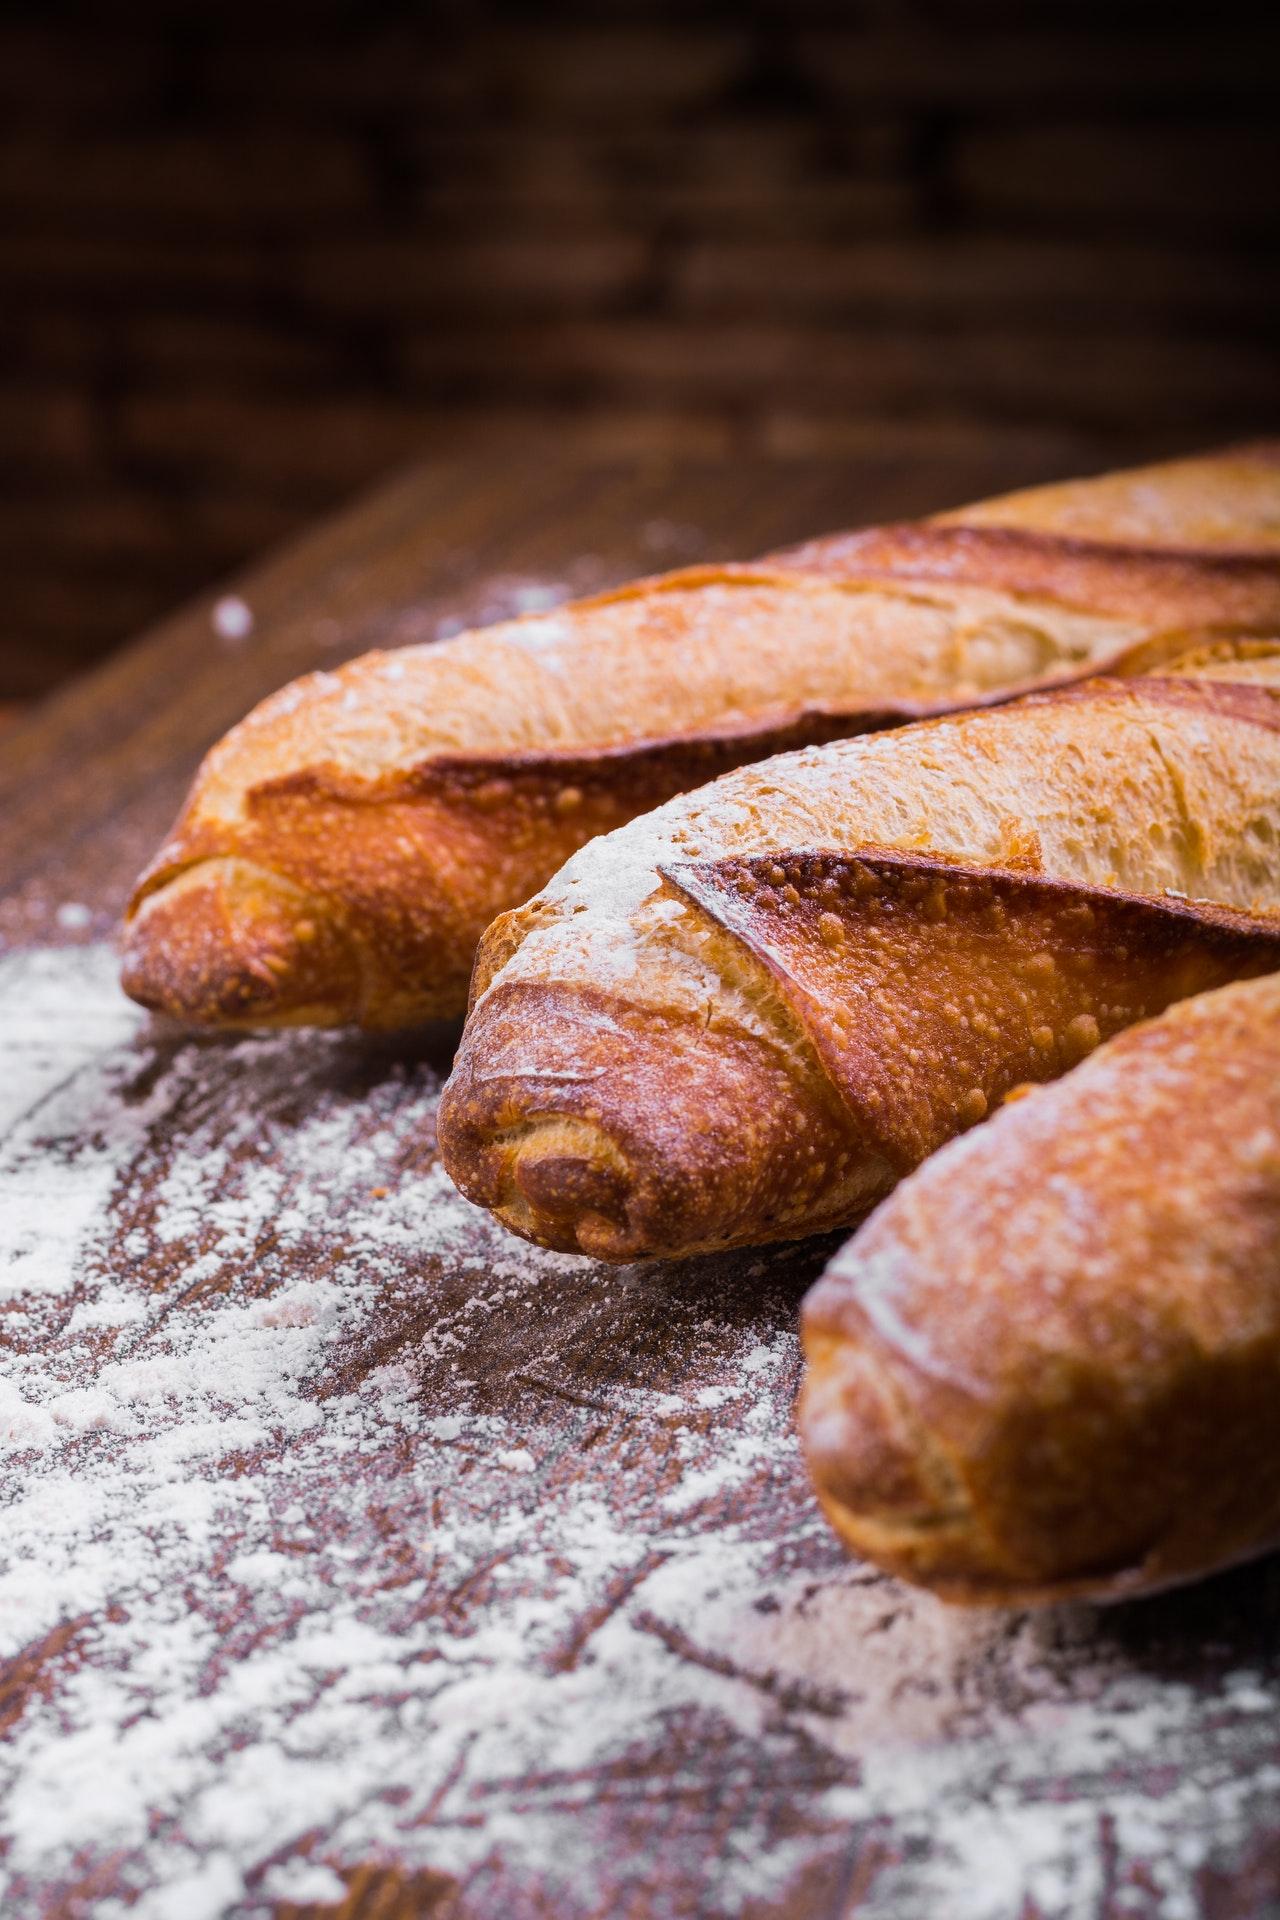 Addetto/a al banco – Daily Bread